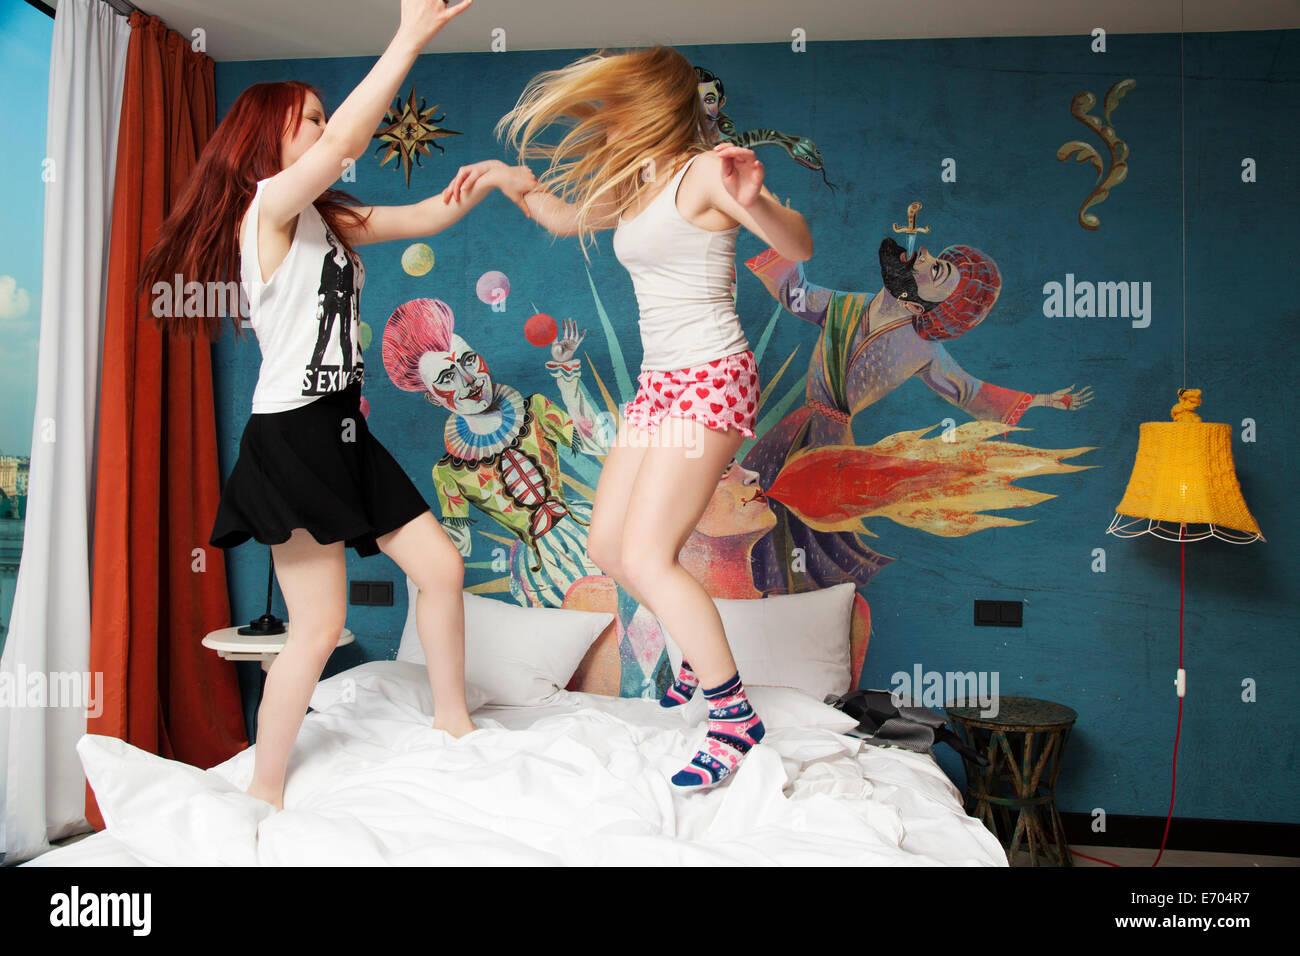 Due giovani donne che danzano sul letto di hotel Immagini Stock